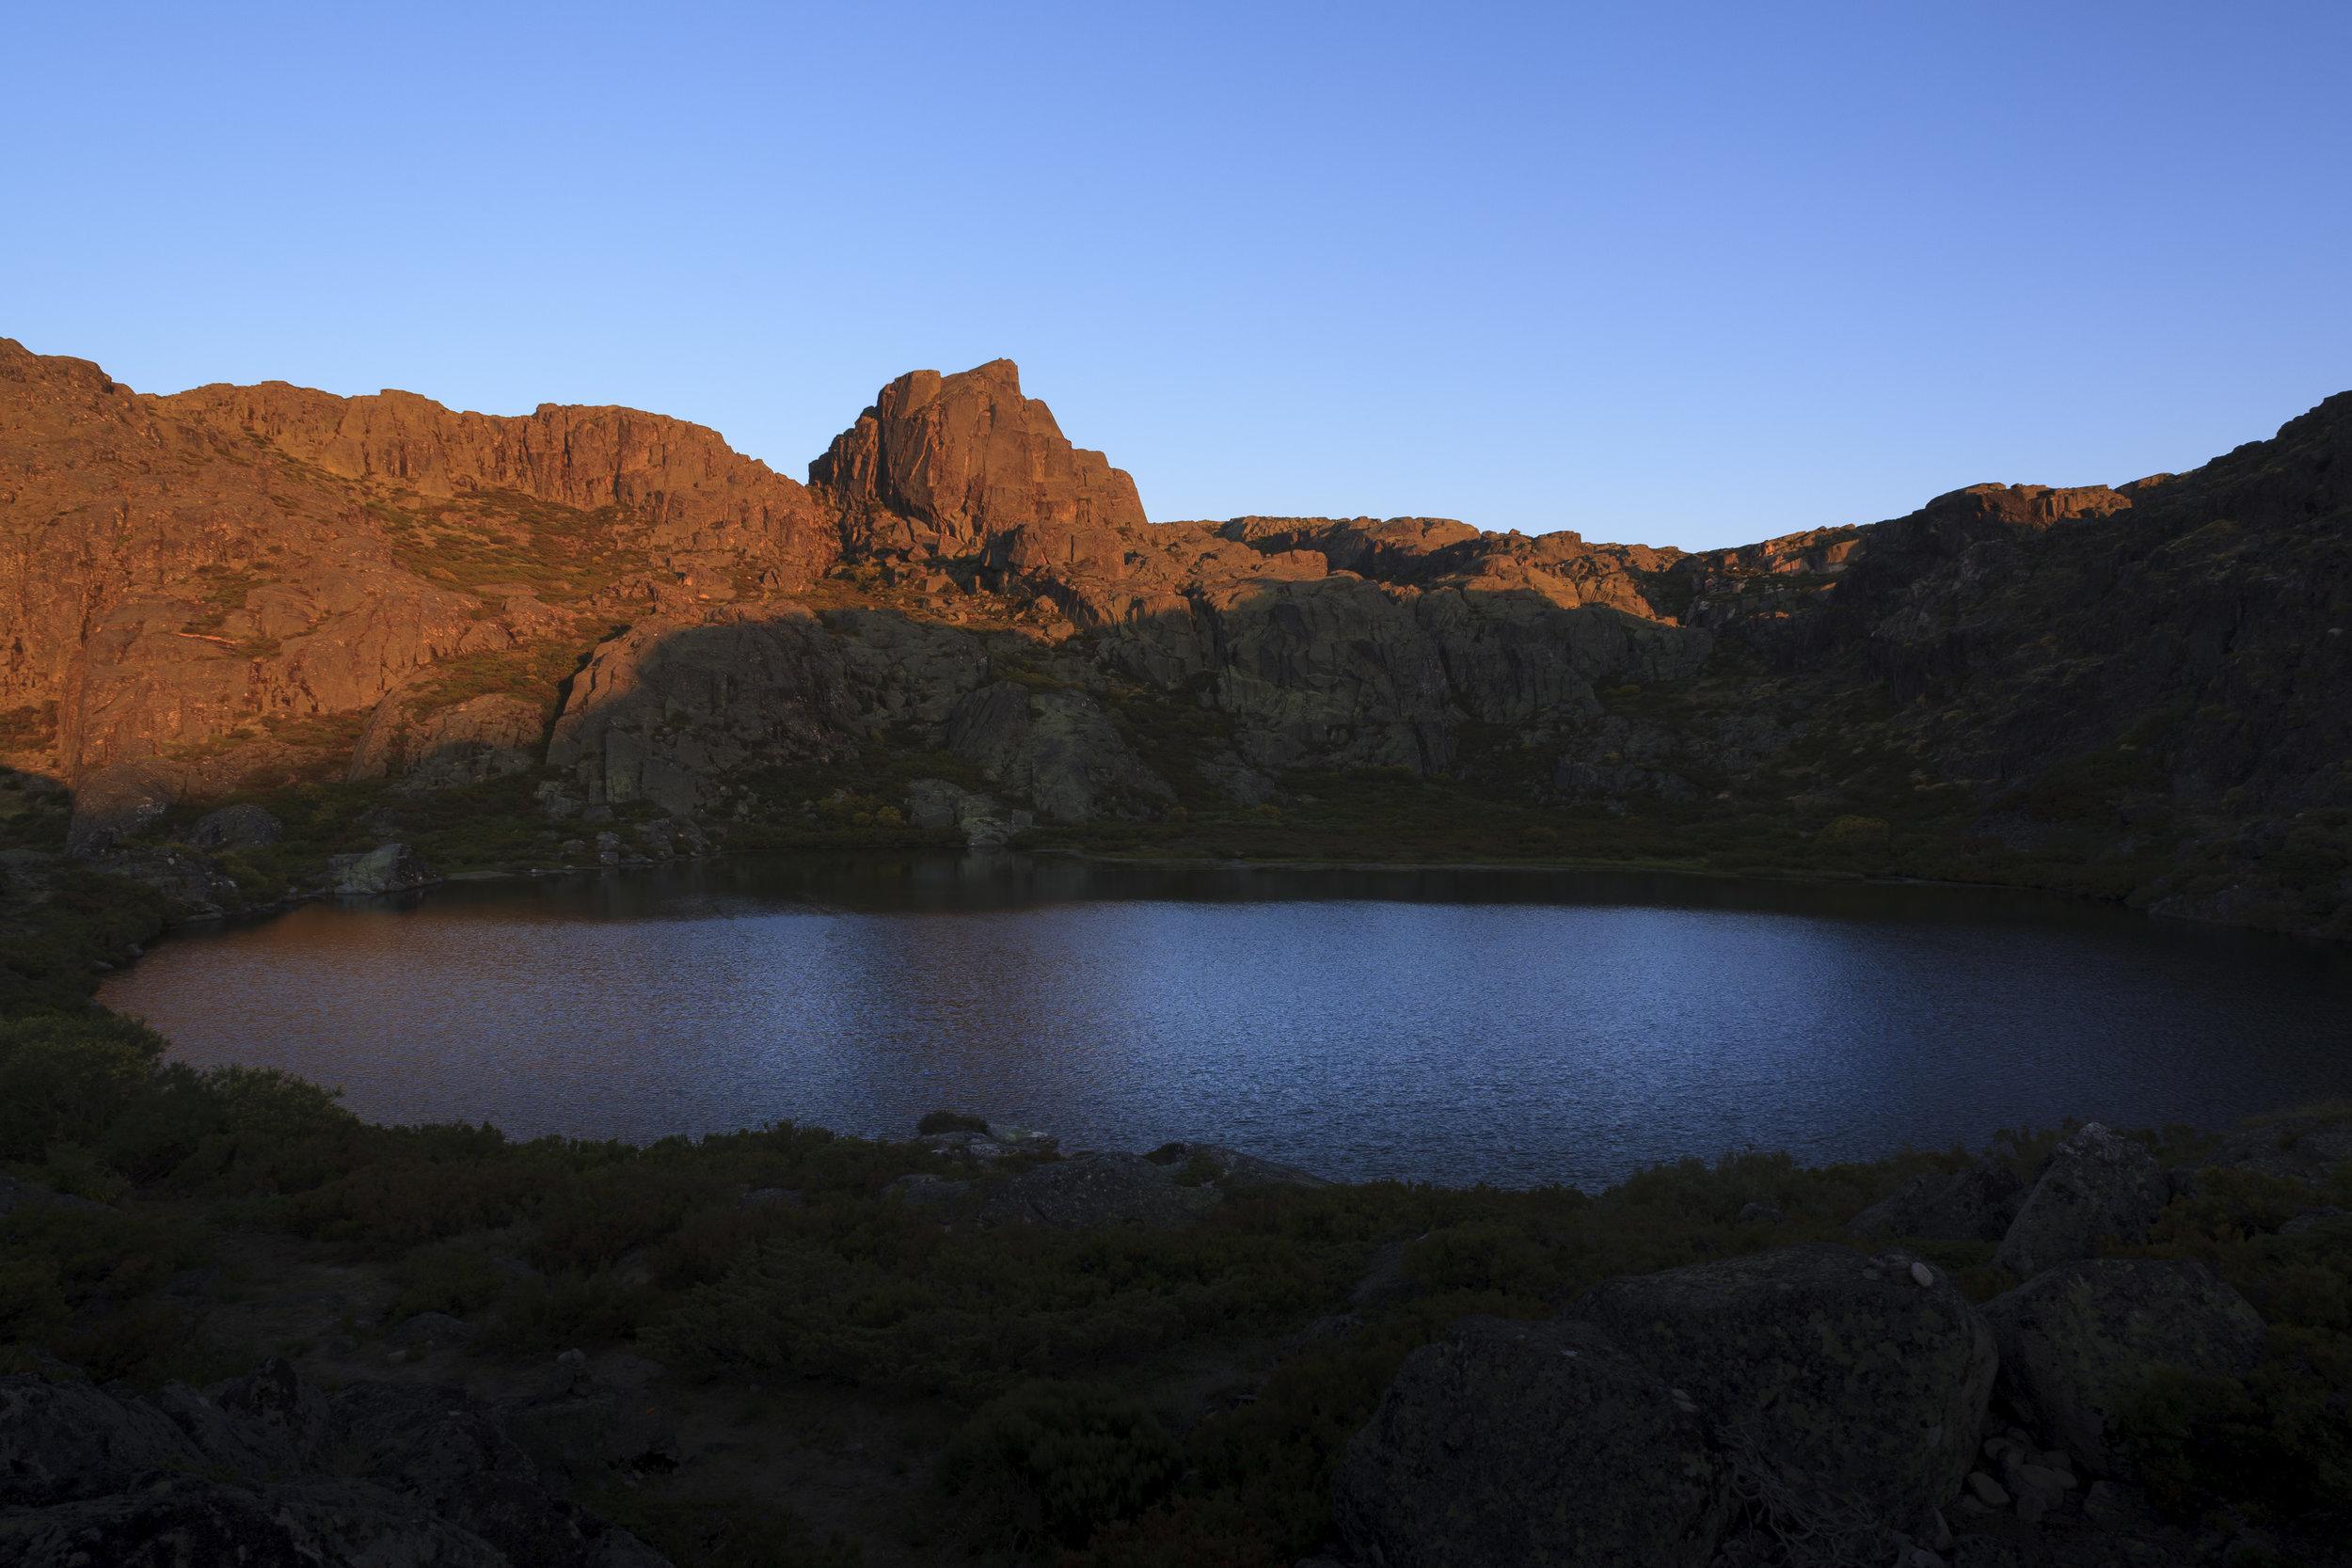 Serra da Estrela | Lagoa do Peixão IV